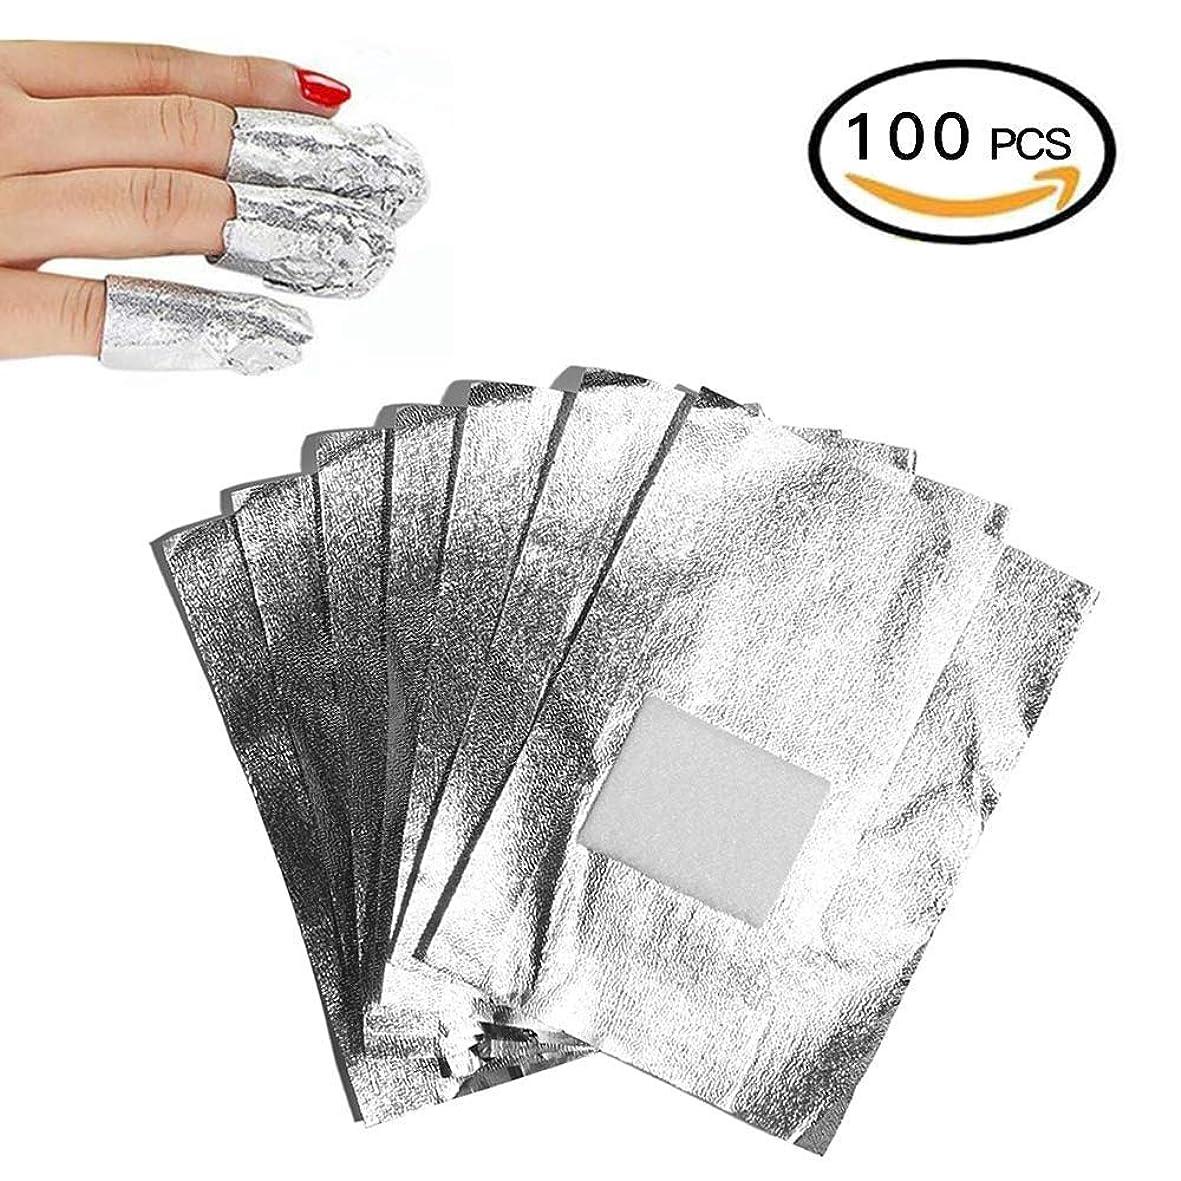 ヒューズ麻痺文言荷を下す錫ホイル Ggorw 100PCS / Lotのアルミホイルの釘の芸術はアクリルのゲルのポーランド人の釘の取り外しを包みます除去剤の化粧用具の釘の女性化粧用釘の用具 (100個)